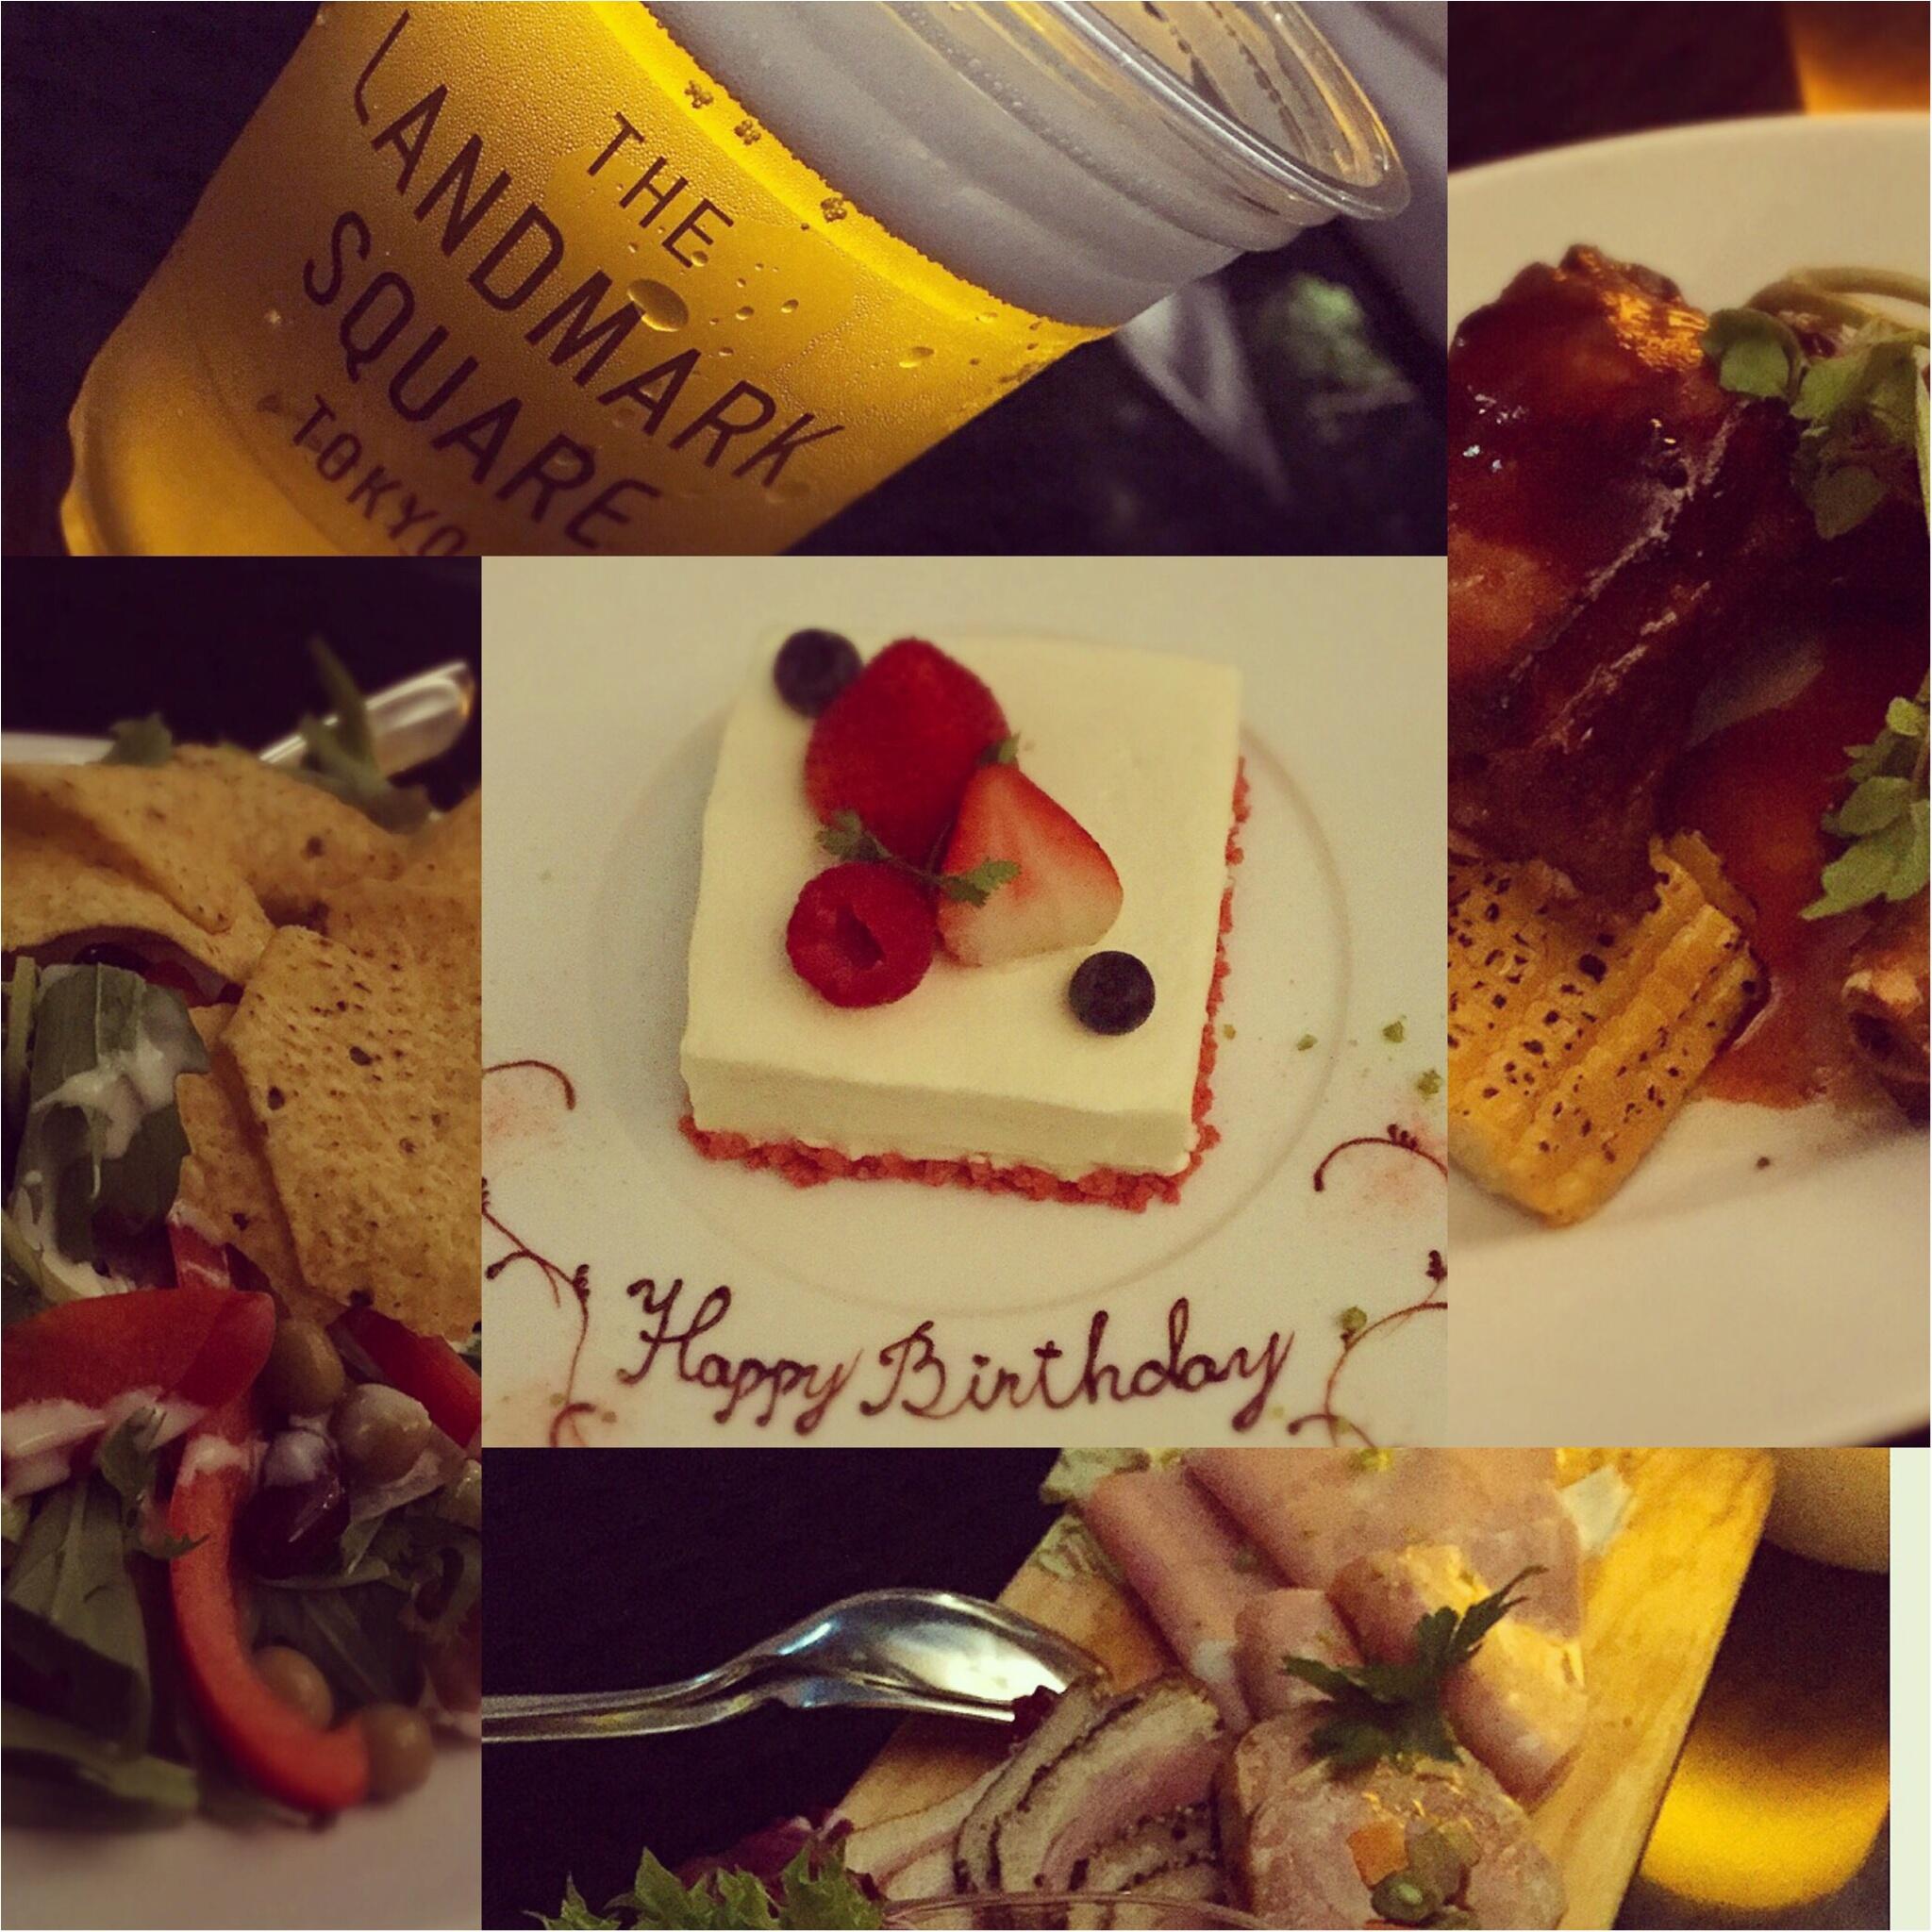 料理も最高♡1ランク上のビアガーデンで優雅なひとときを過ごすなら✨バースデーサプライズにもお薦め♪【THE LANDMARK SQUARE TOKYO】_15